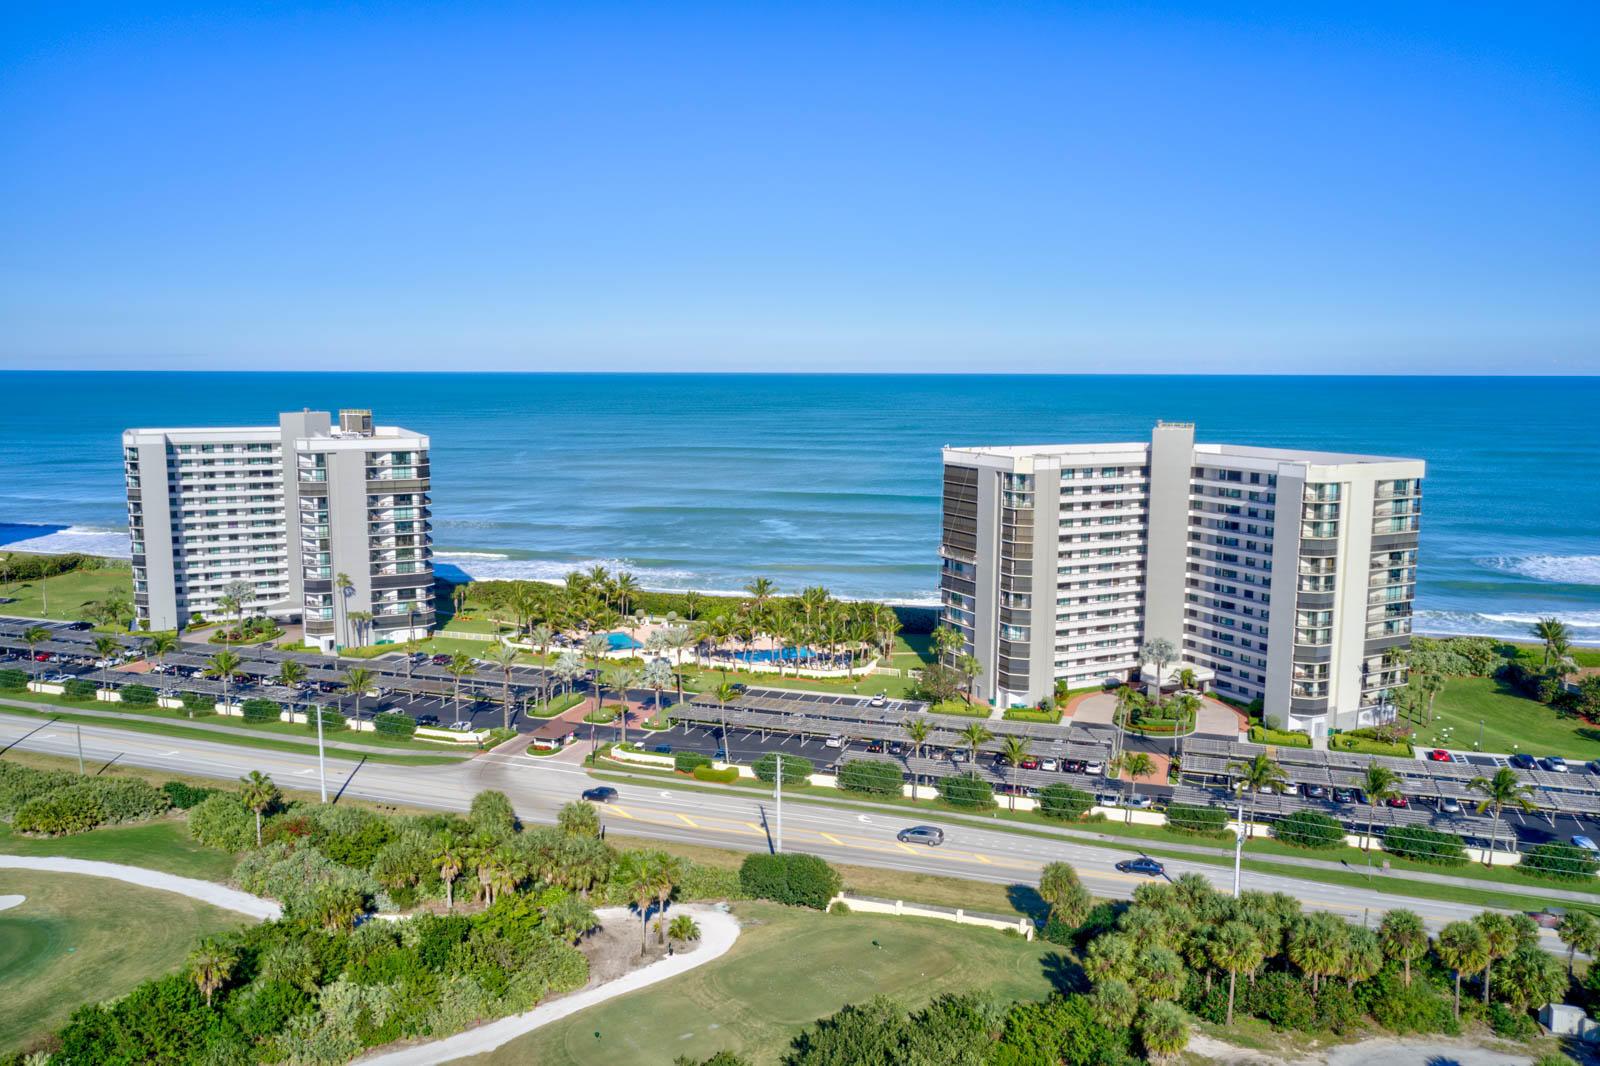 8880 Ocean Jensen Beach 34957